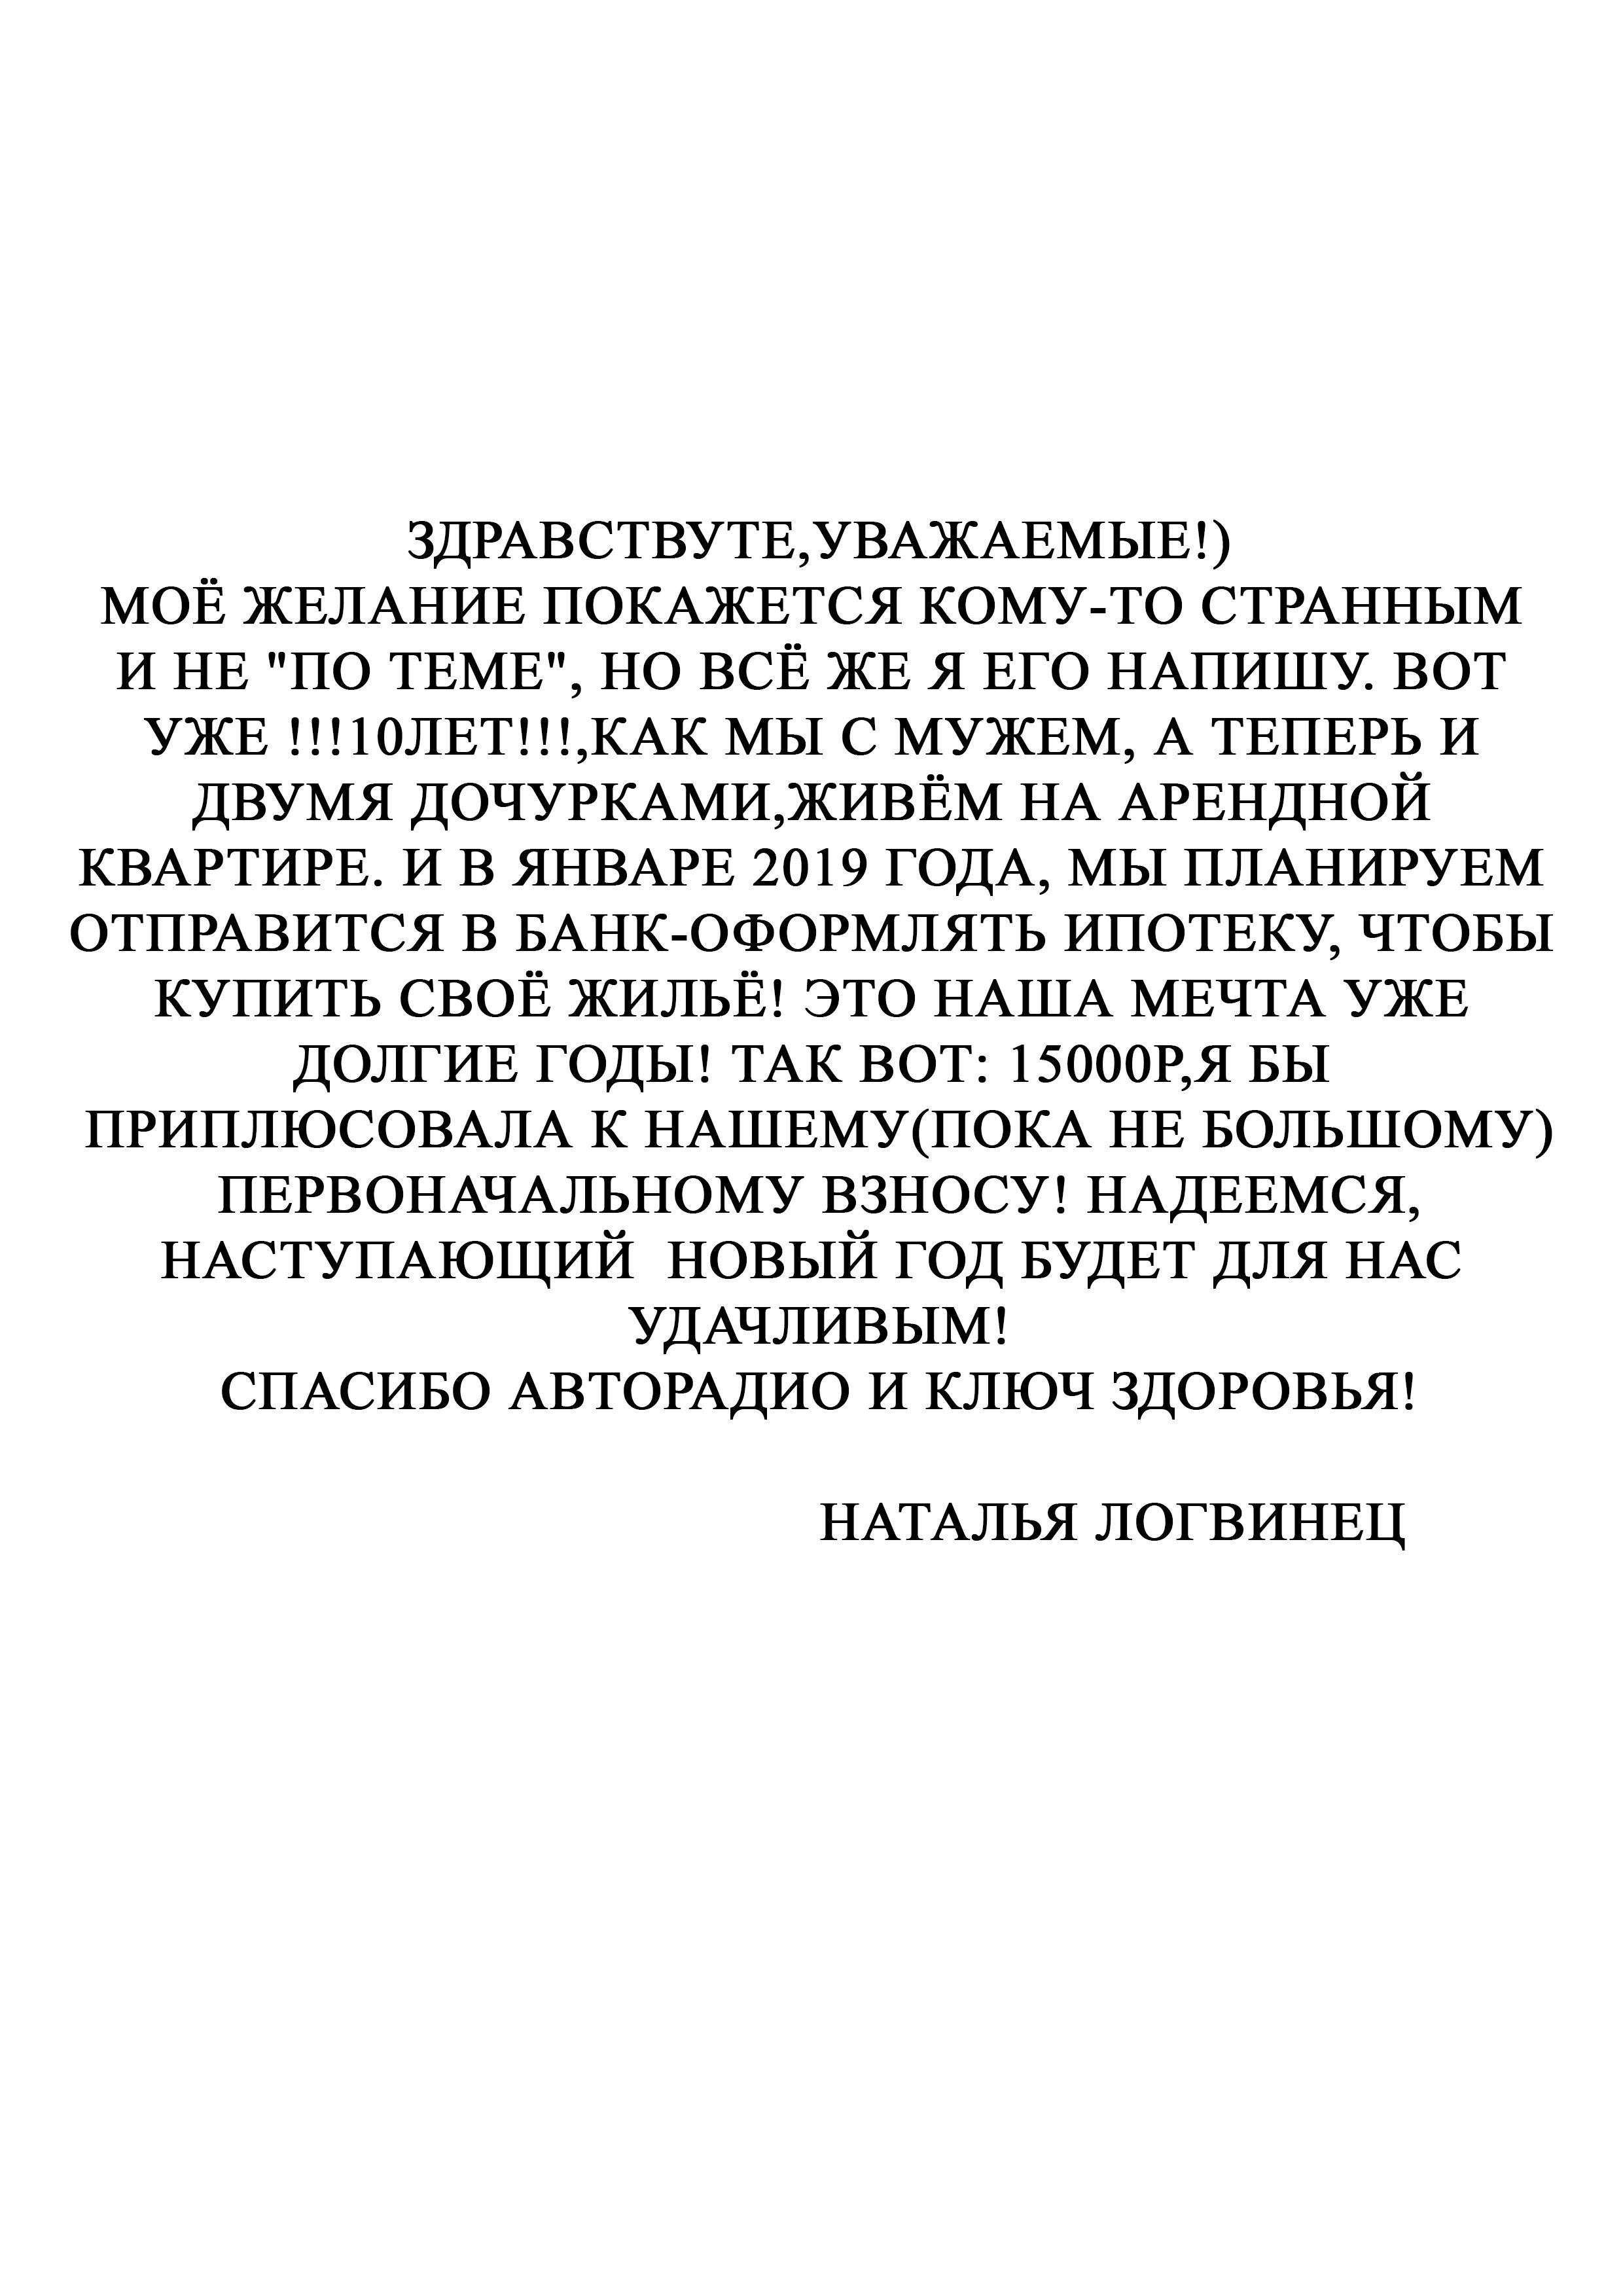 Наталья Логвинец